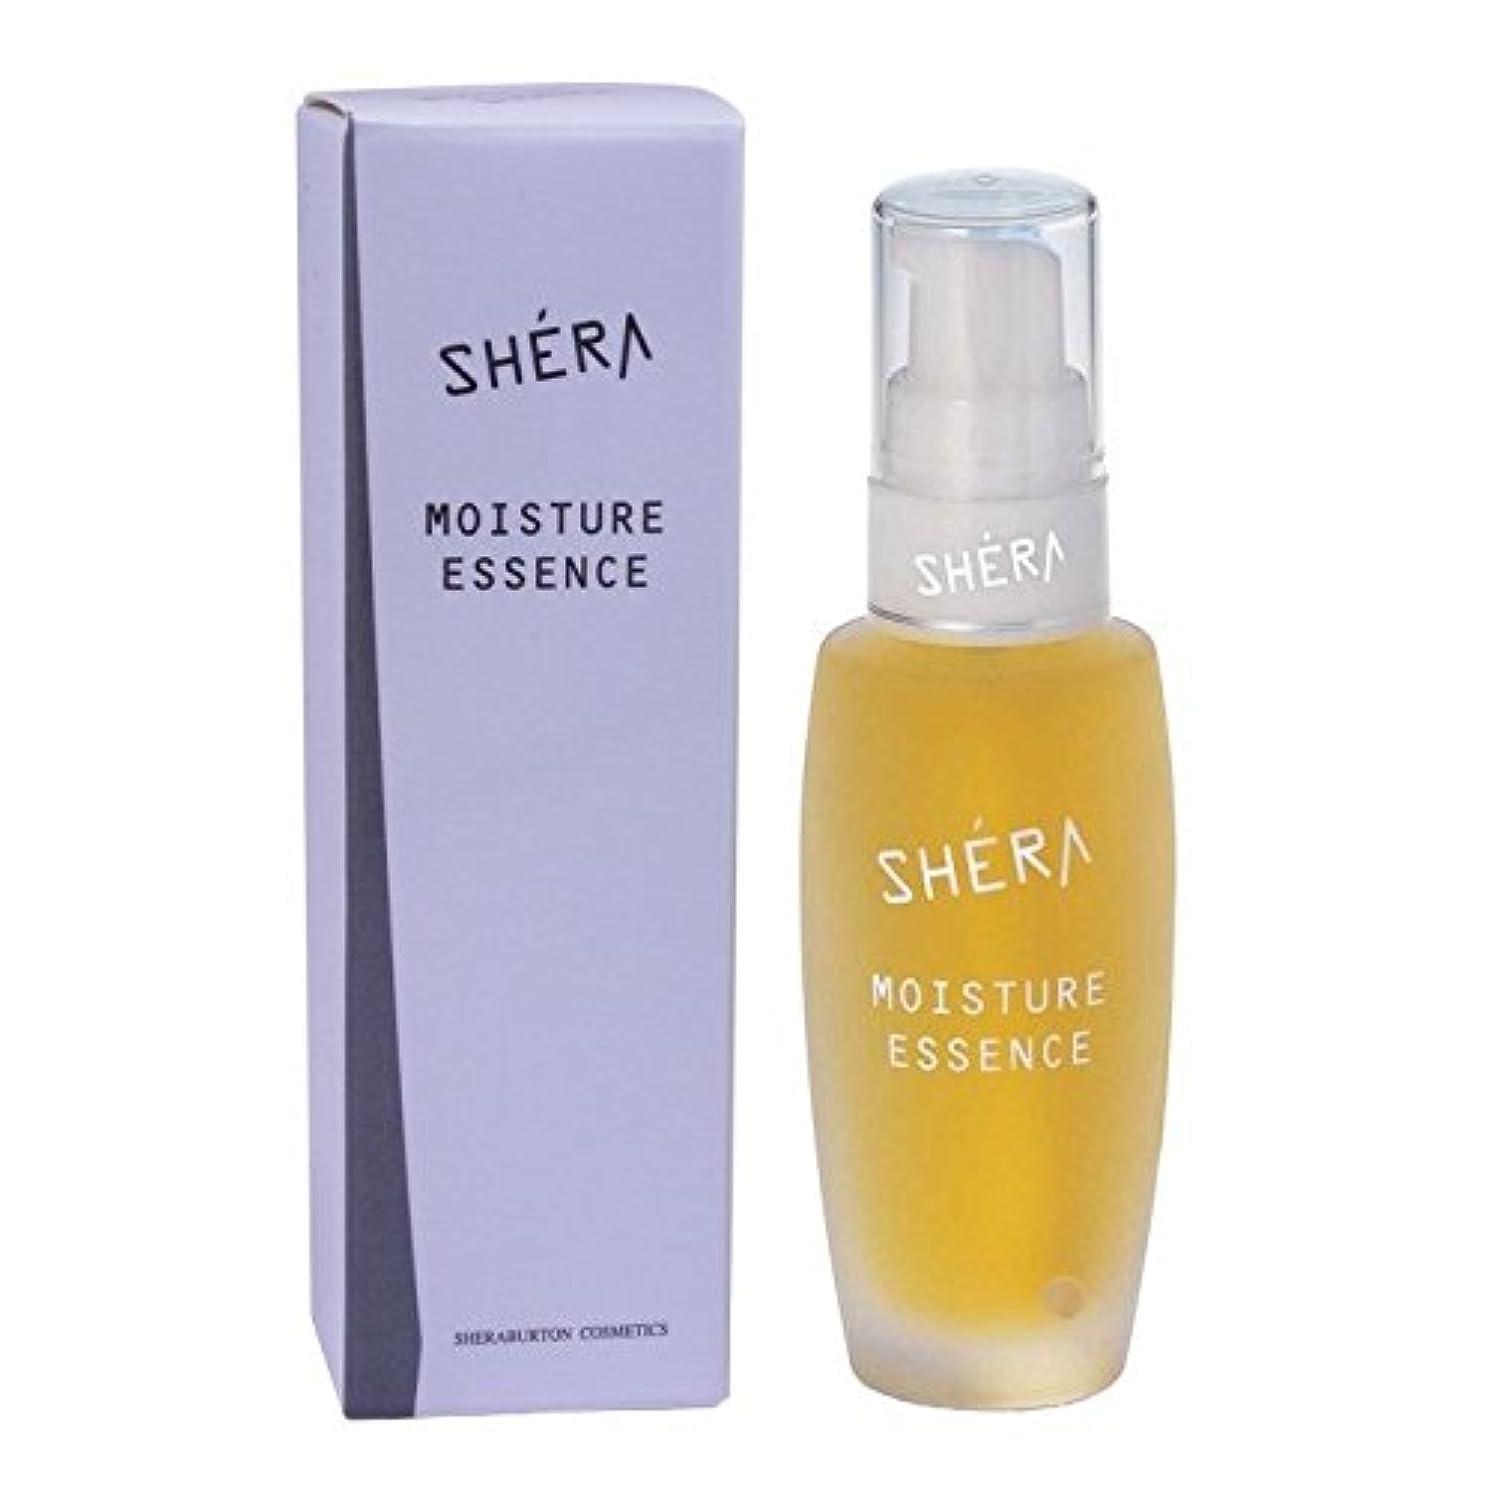 昇進抜け目のない圧縮するSHERA シェラバートン シェラモイスチャーエッセンス(美容液)32ml